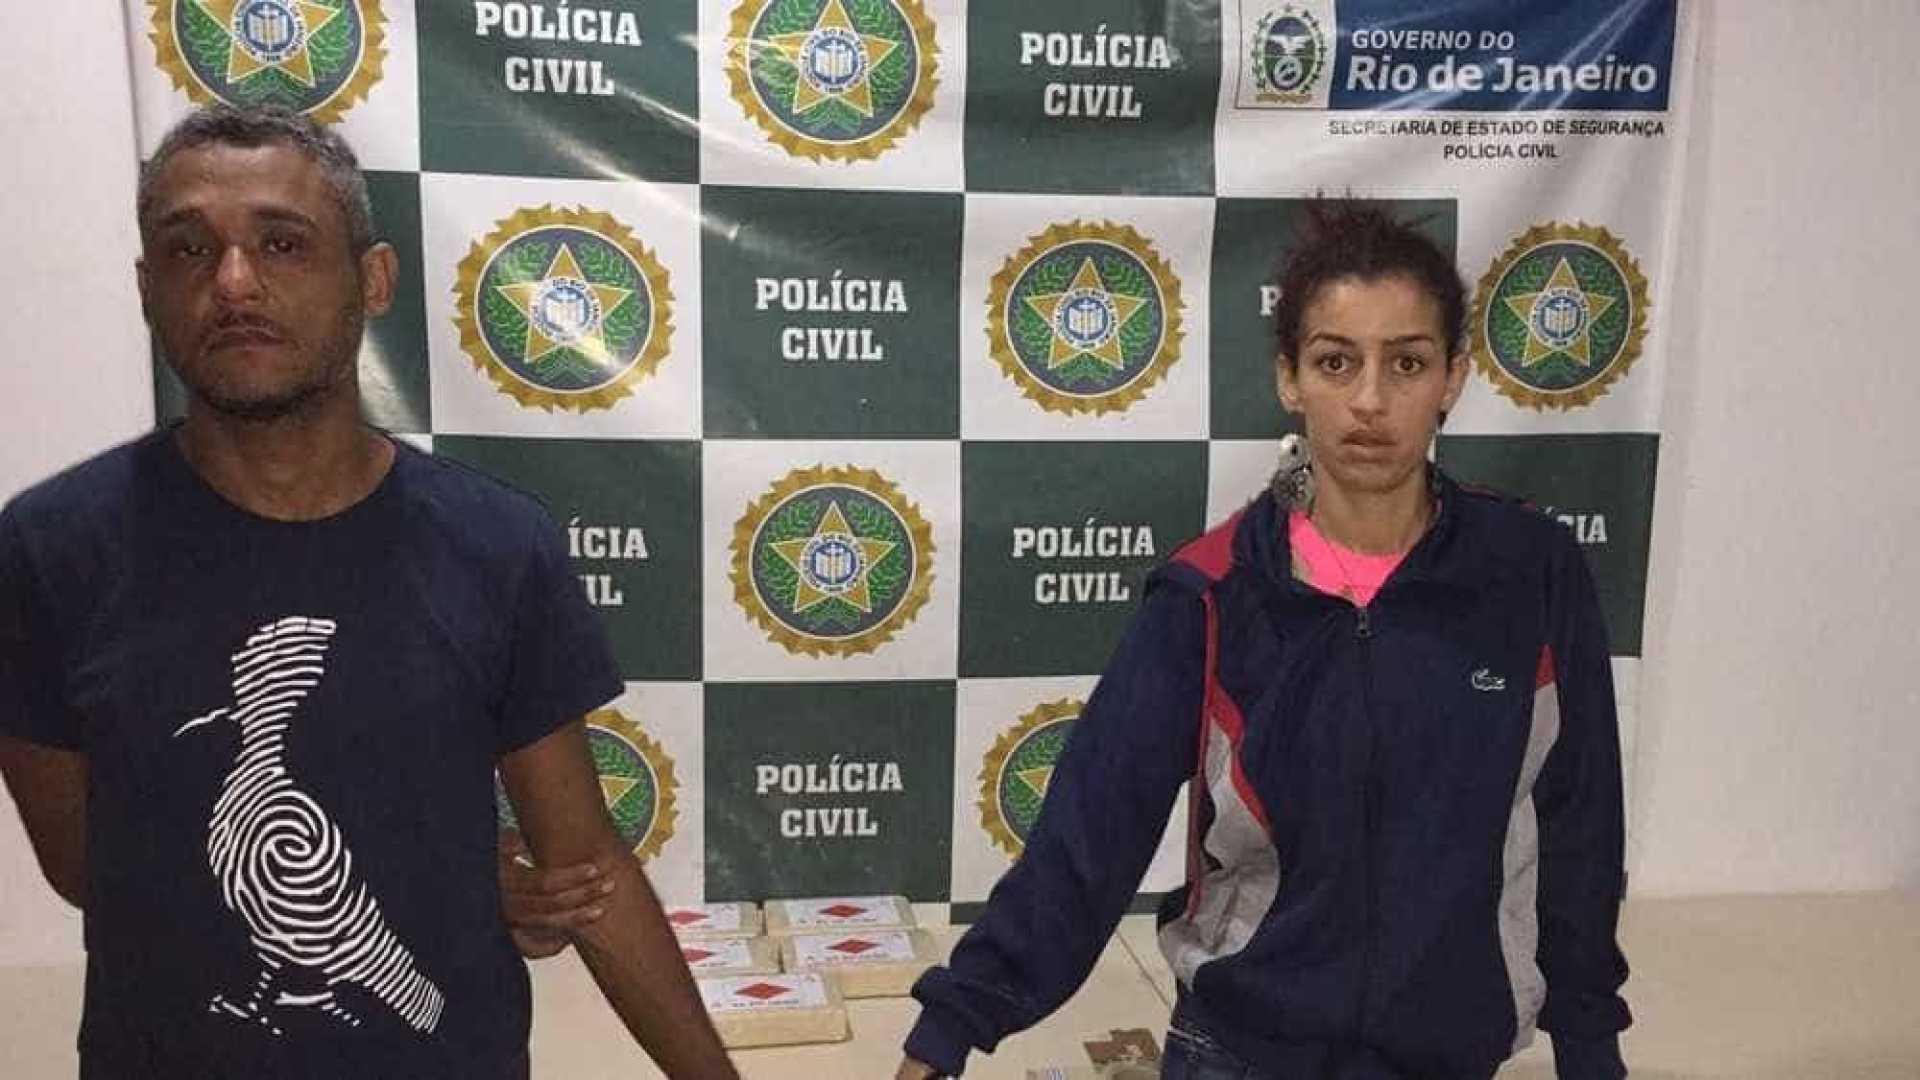 Chefe de facção criminosa é preso em rodoviária no Rio